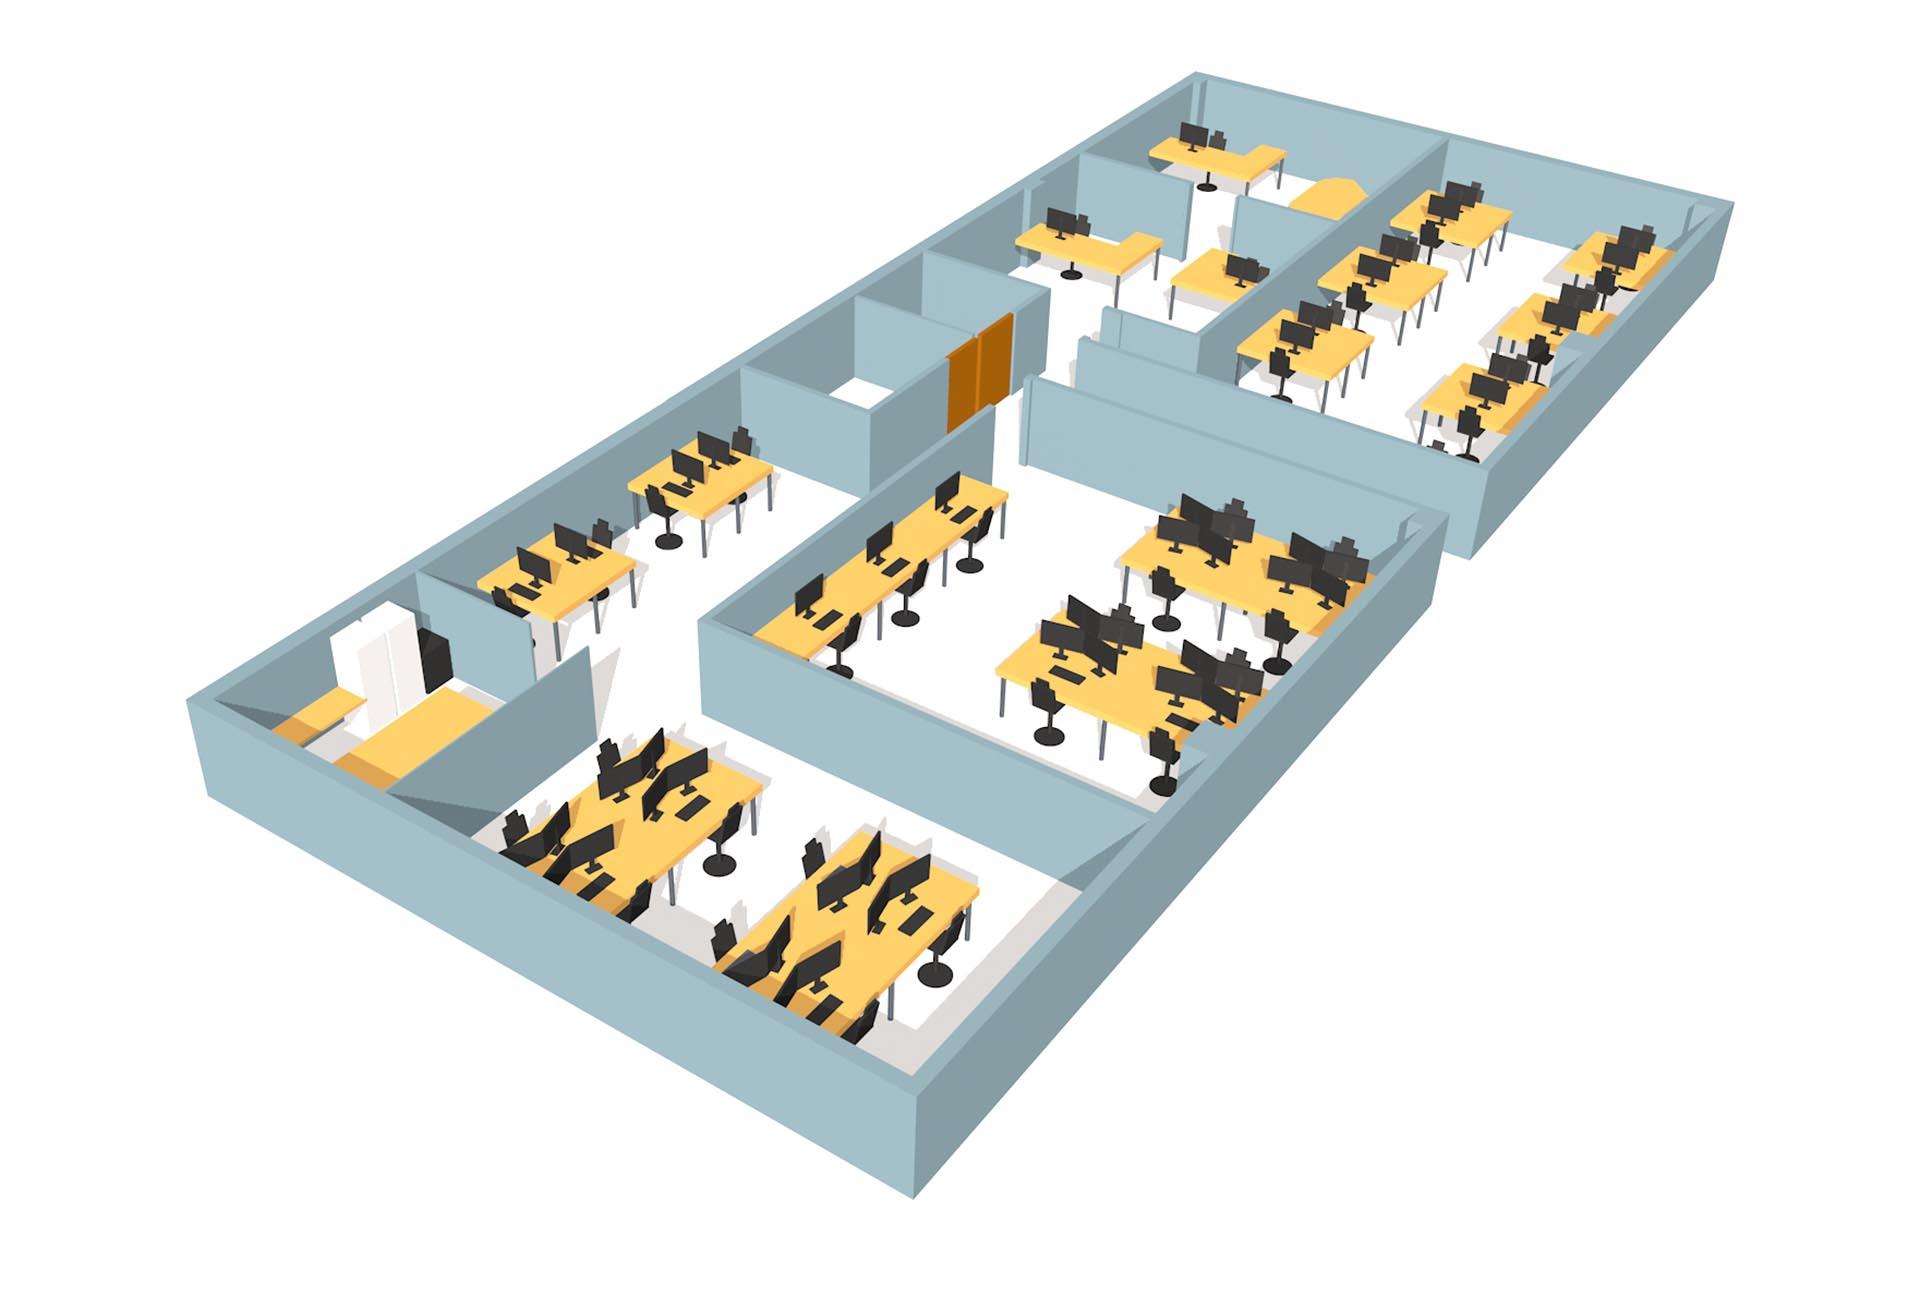 Instalaciones/Facilities